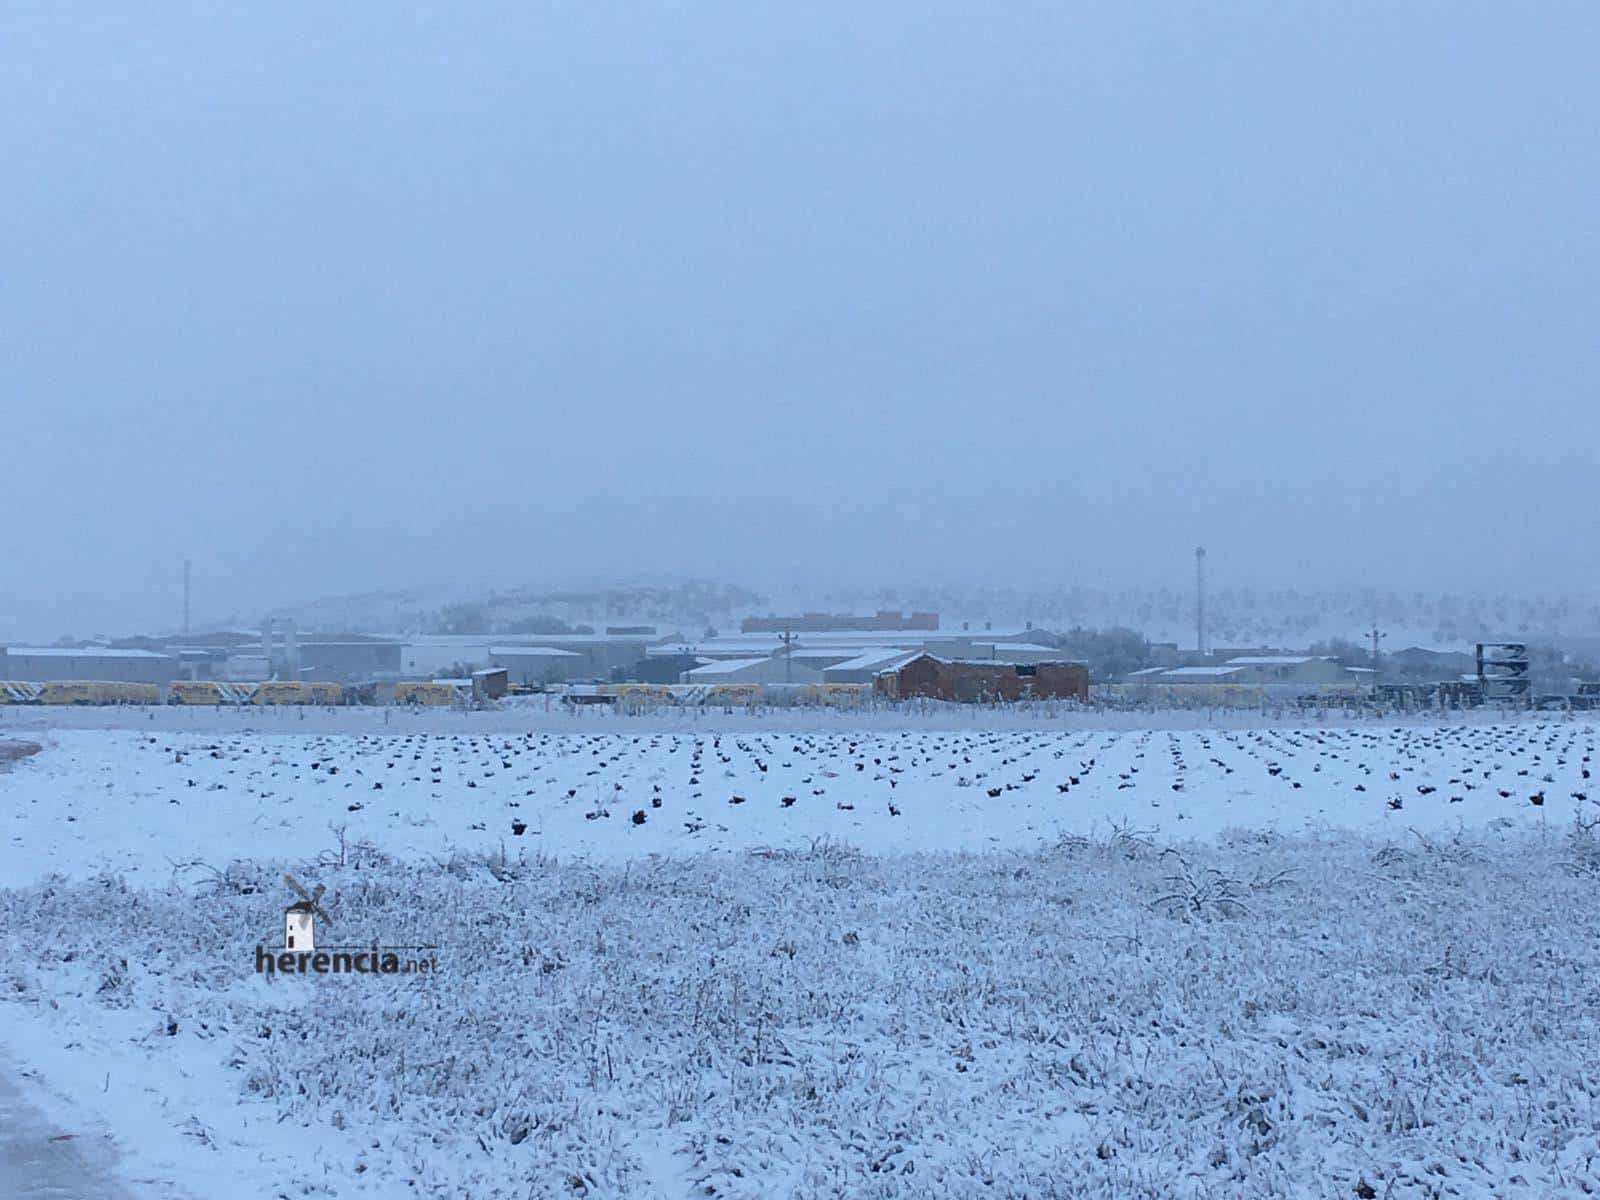 Herencia amanece cubierta de nieve y nevando